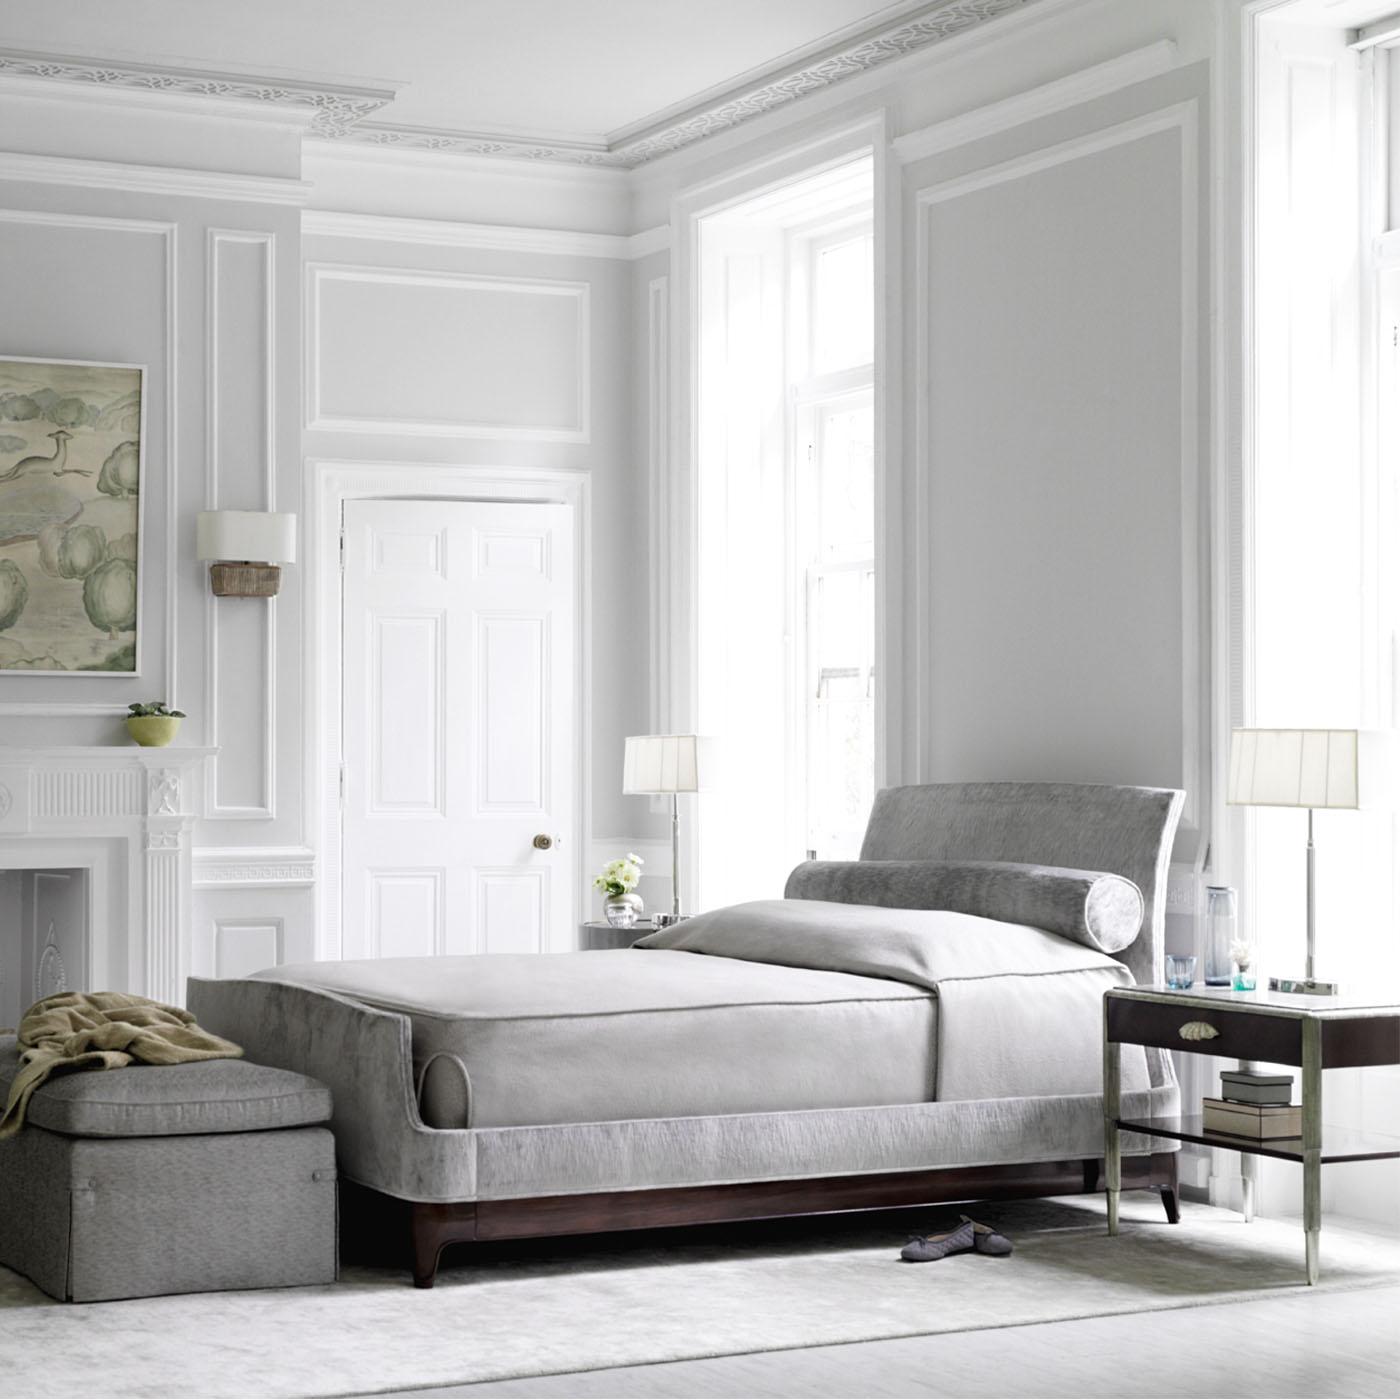 Bedroom Baker Furniture